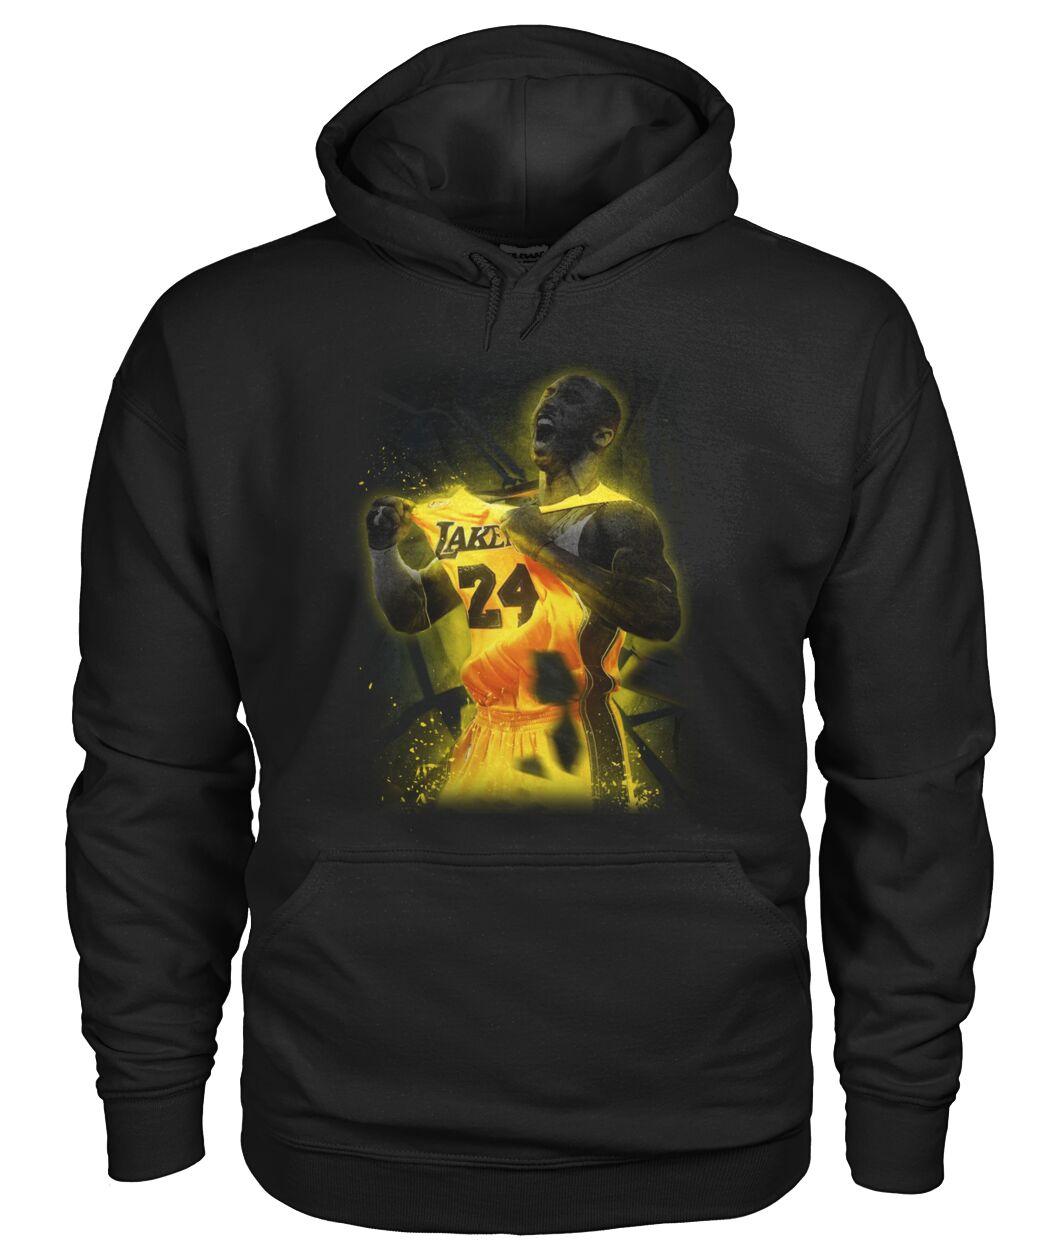 nba los angeles lakers kobe bryant hoodie